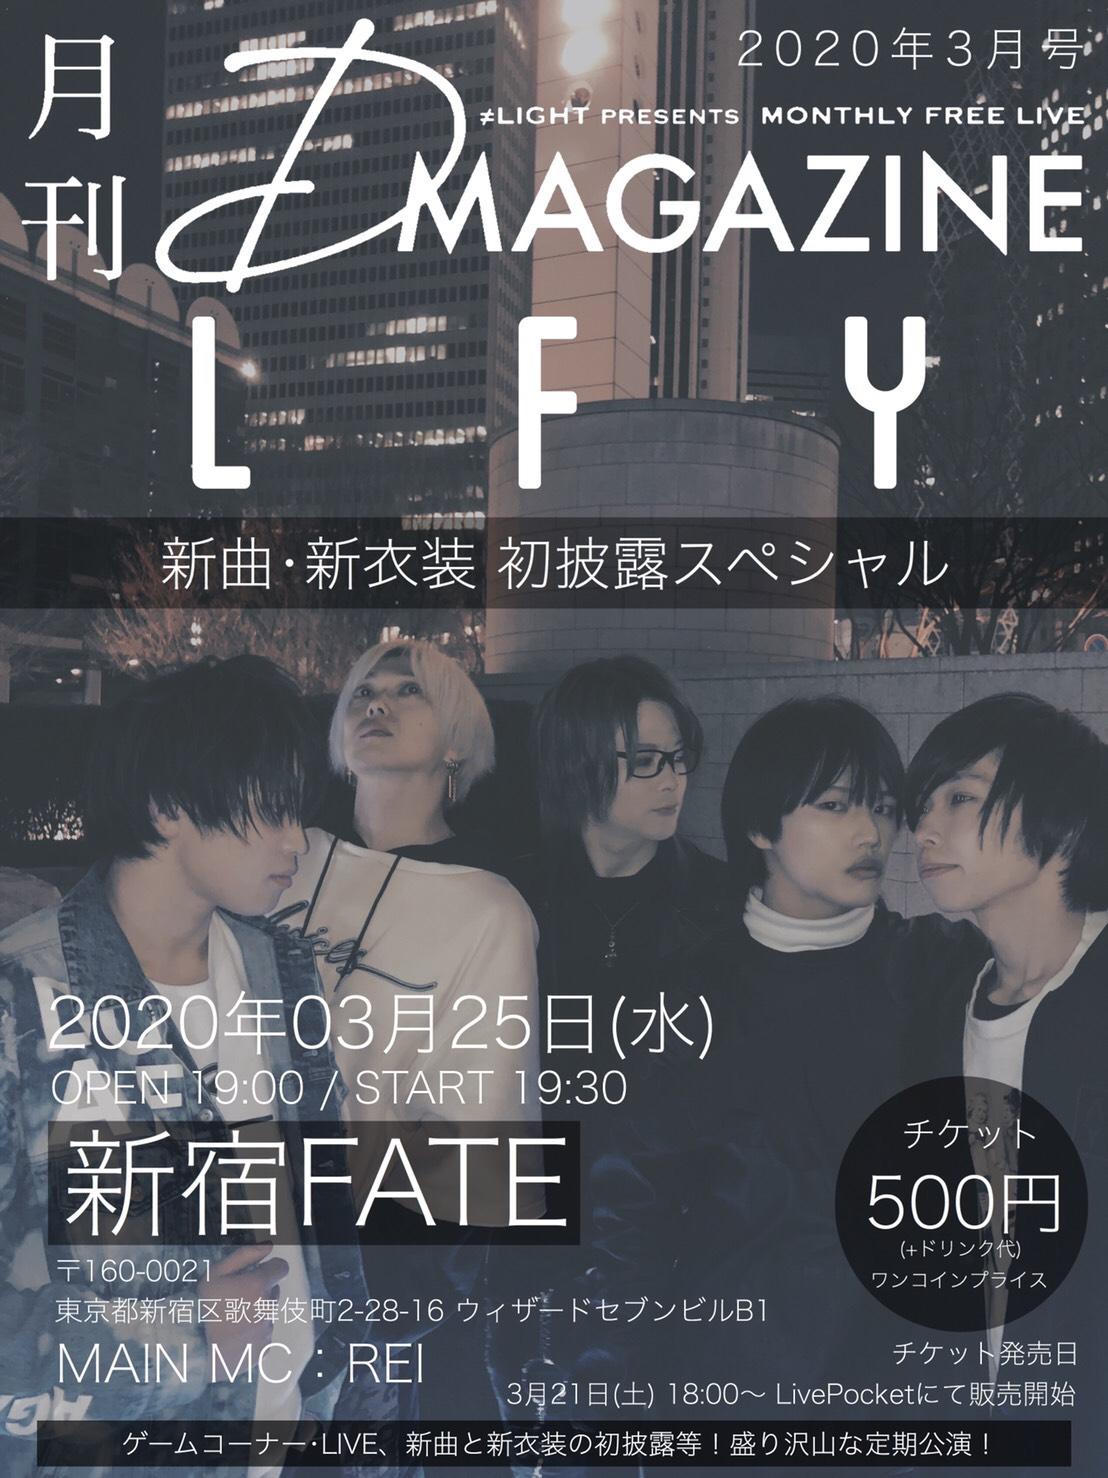 「月刊D MAGAZINE'20 3月号 LFY〜新曲・新衣装 初披露スペシャル〜」